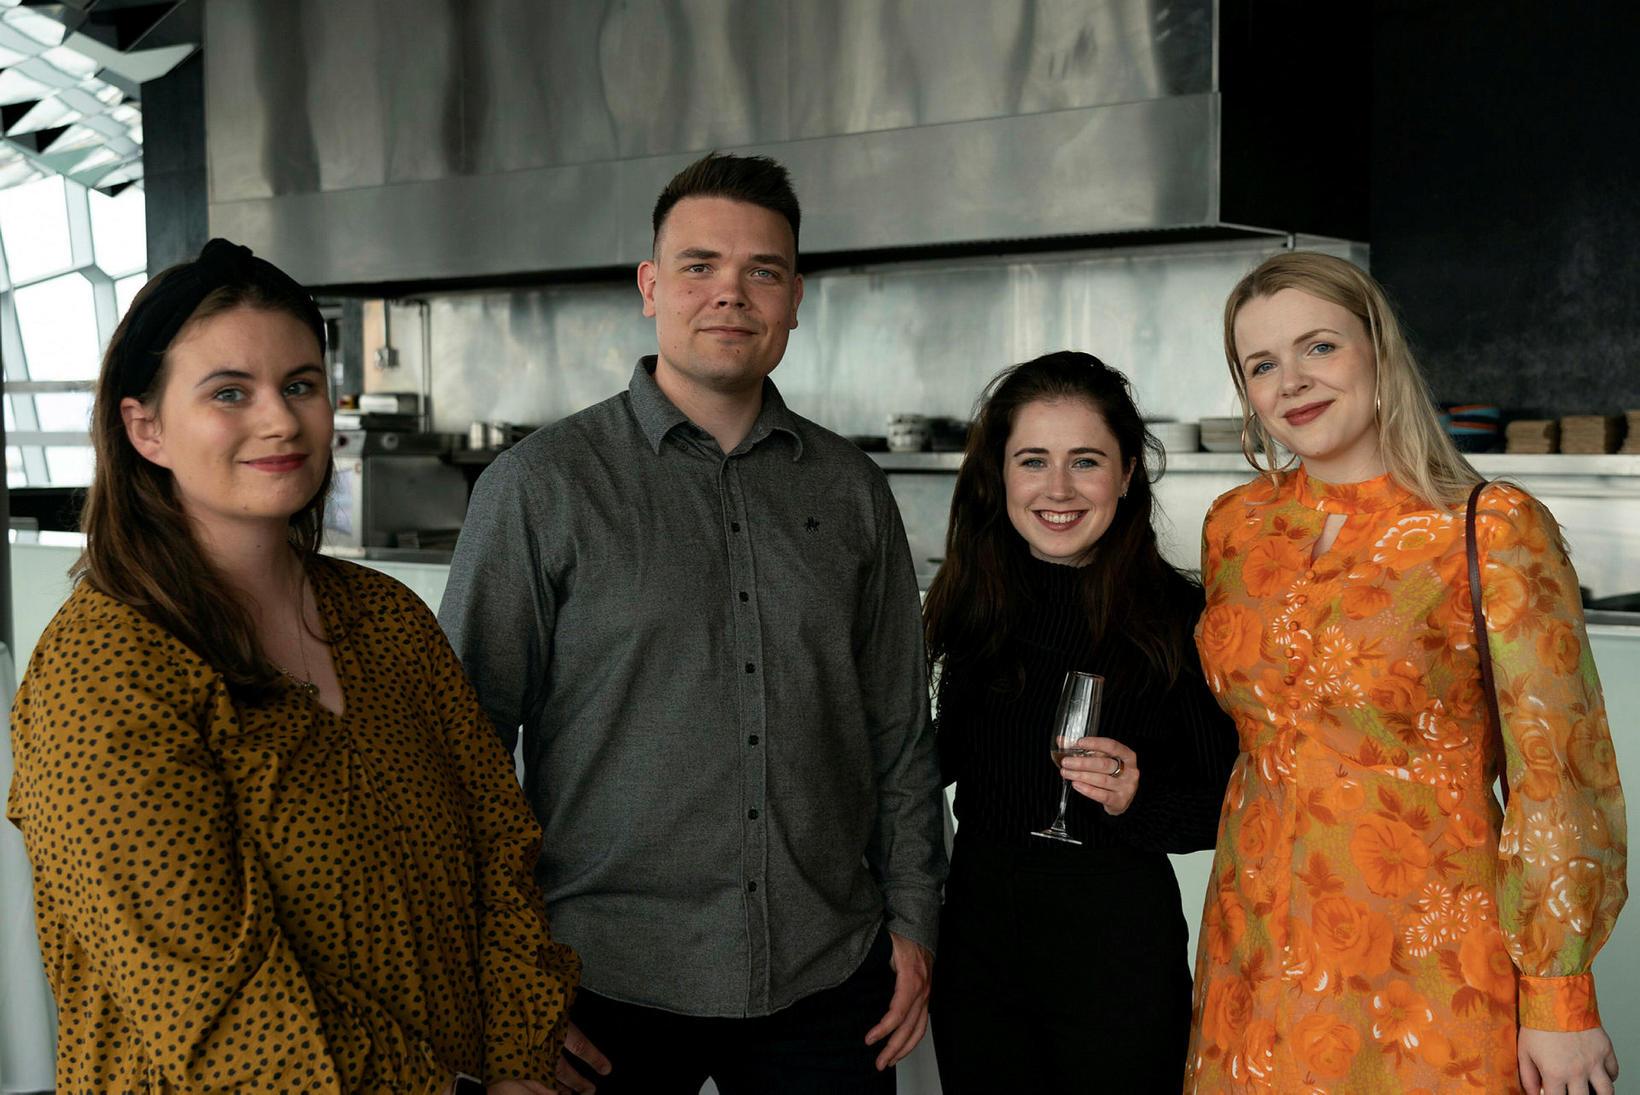 Auður Albertsdóttir, Eiríkur Sigurðsson, Rakel Tómasdóttir og Anna Marsíbil Clausen.